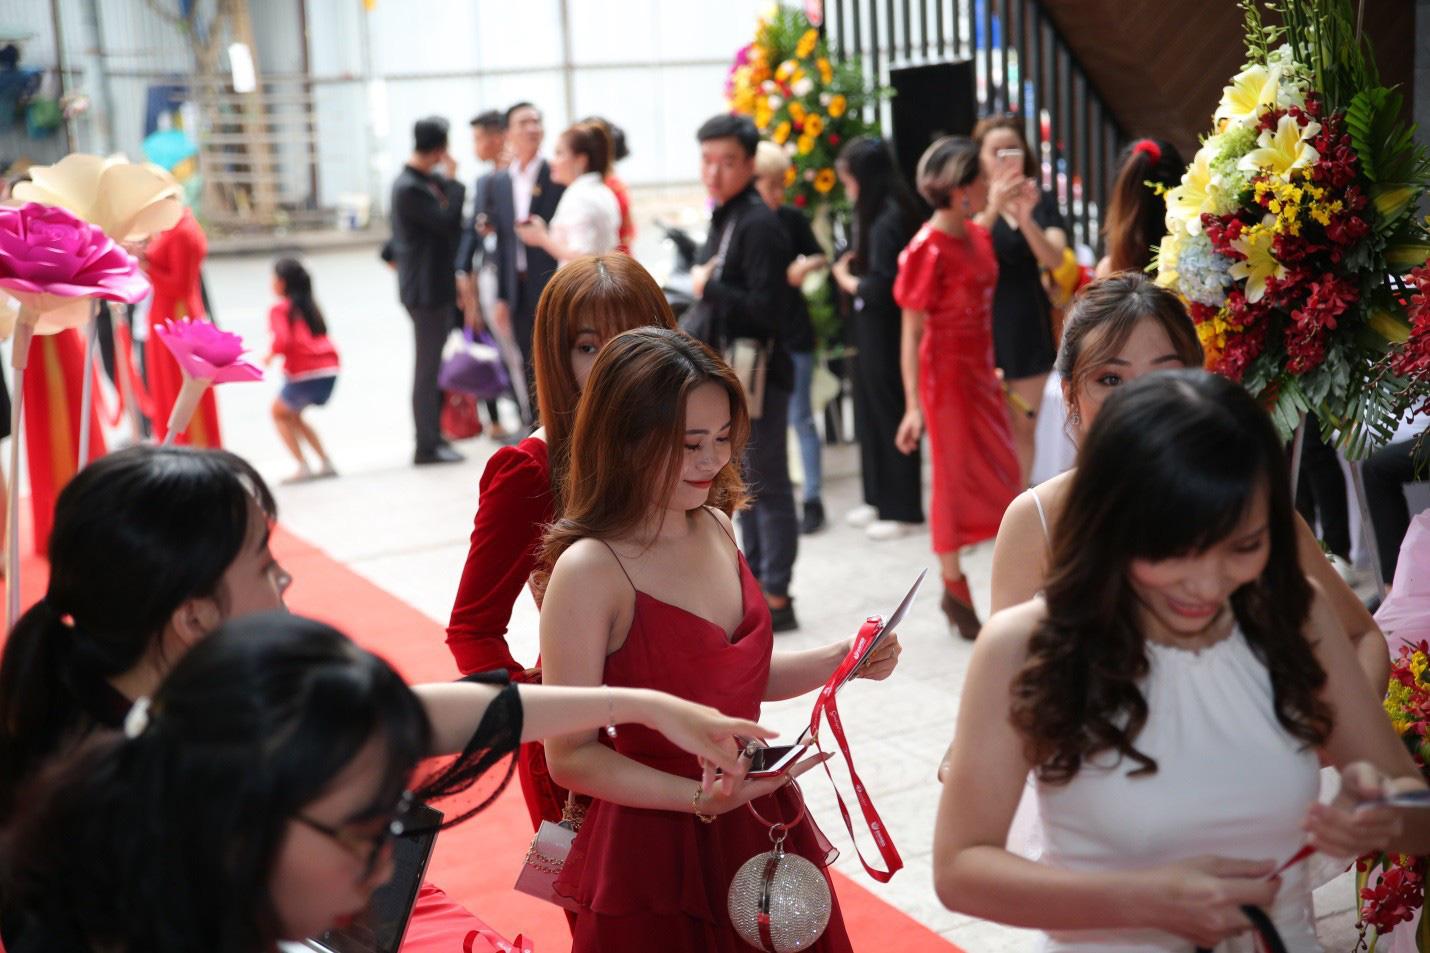 Hơn 600 khách hàng tham dự dạ tiệc tri ân khách hàng của SeoulSpa.Vn - Ảnh 3.